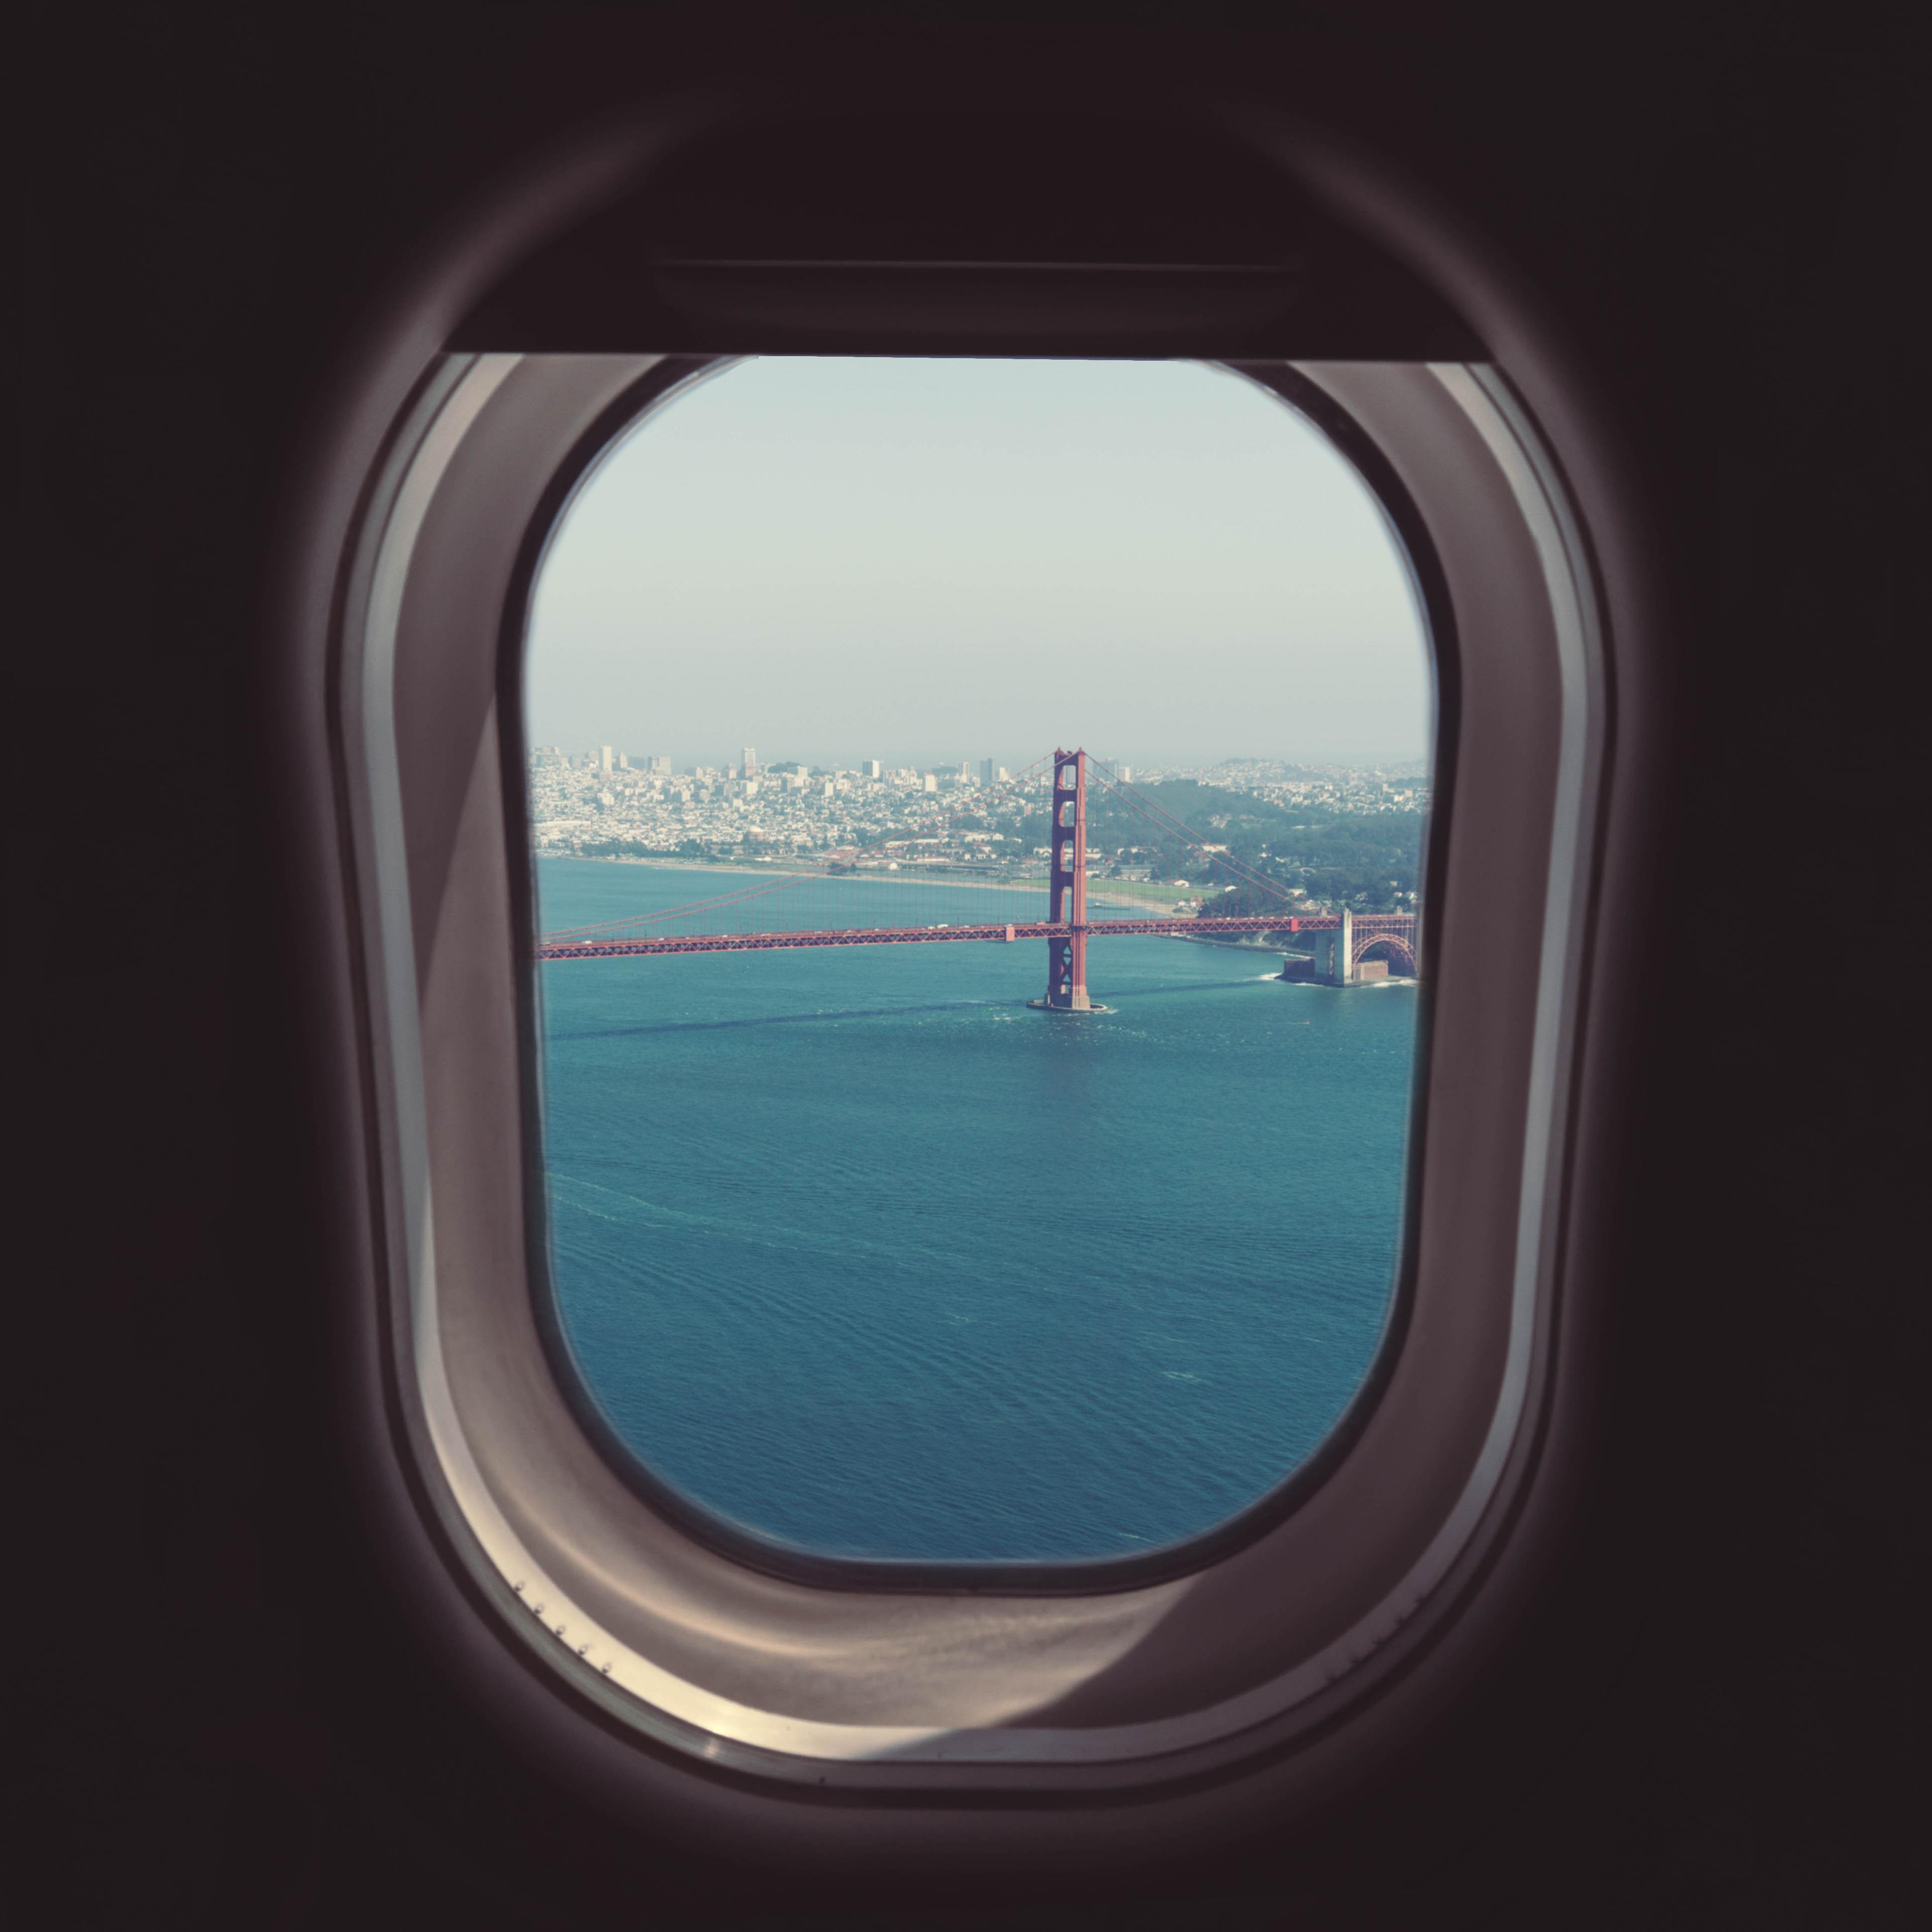 What If We - Plane-2 - Aug 9-bridge